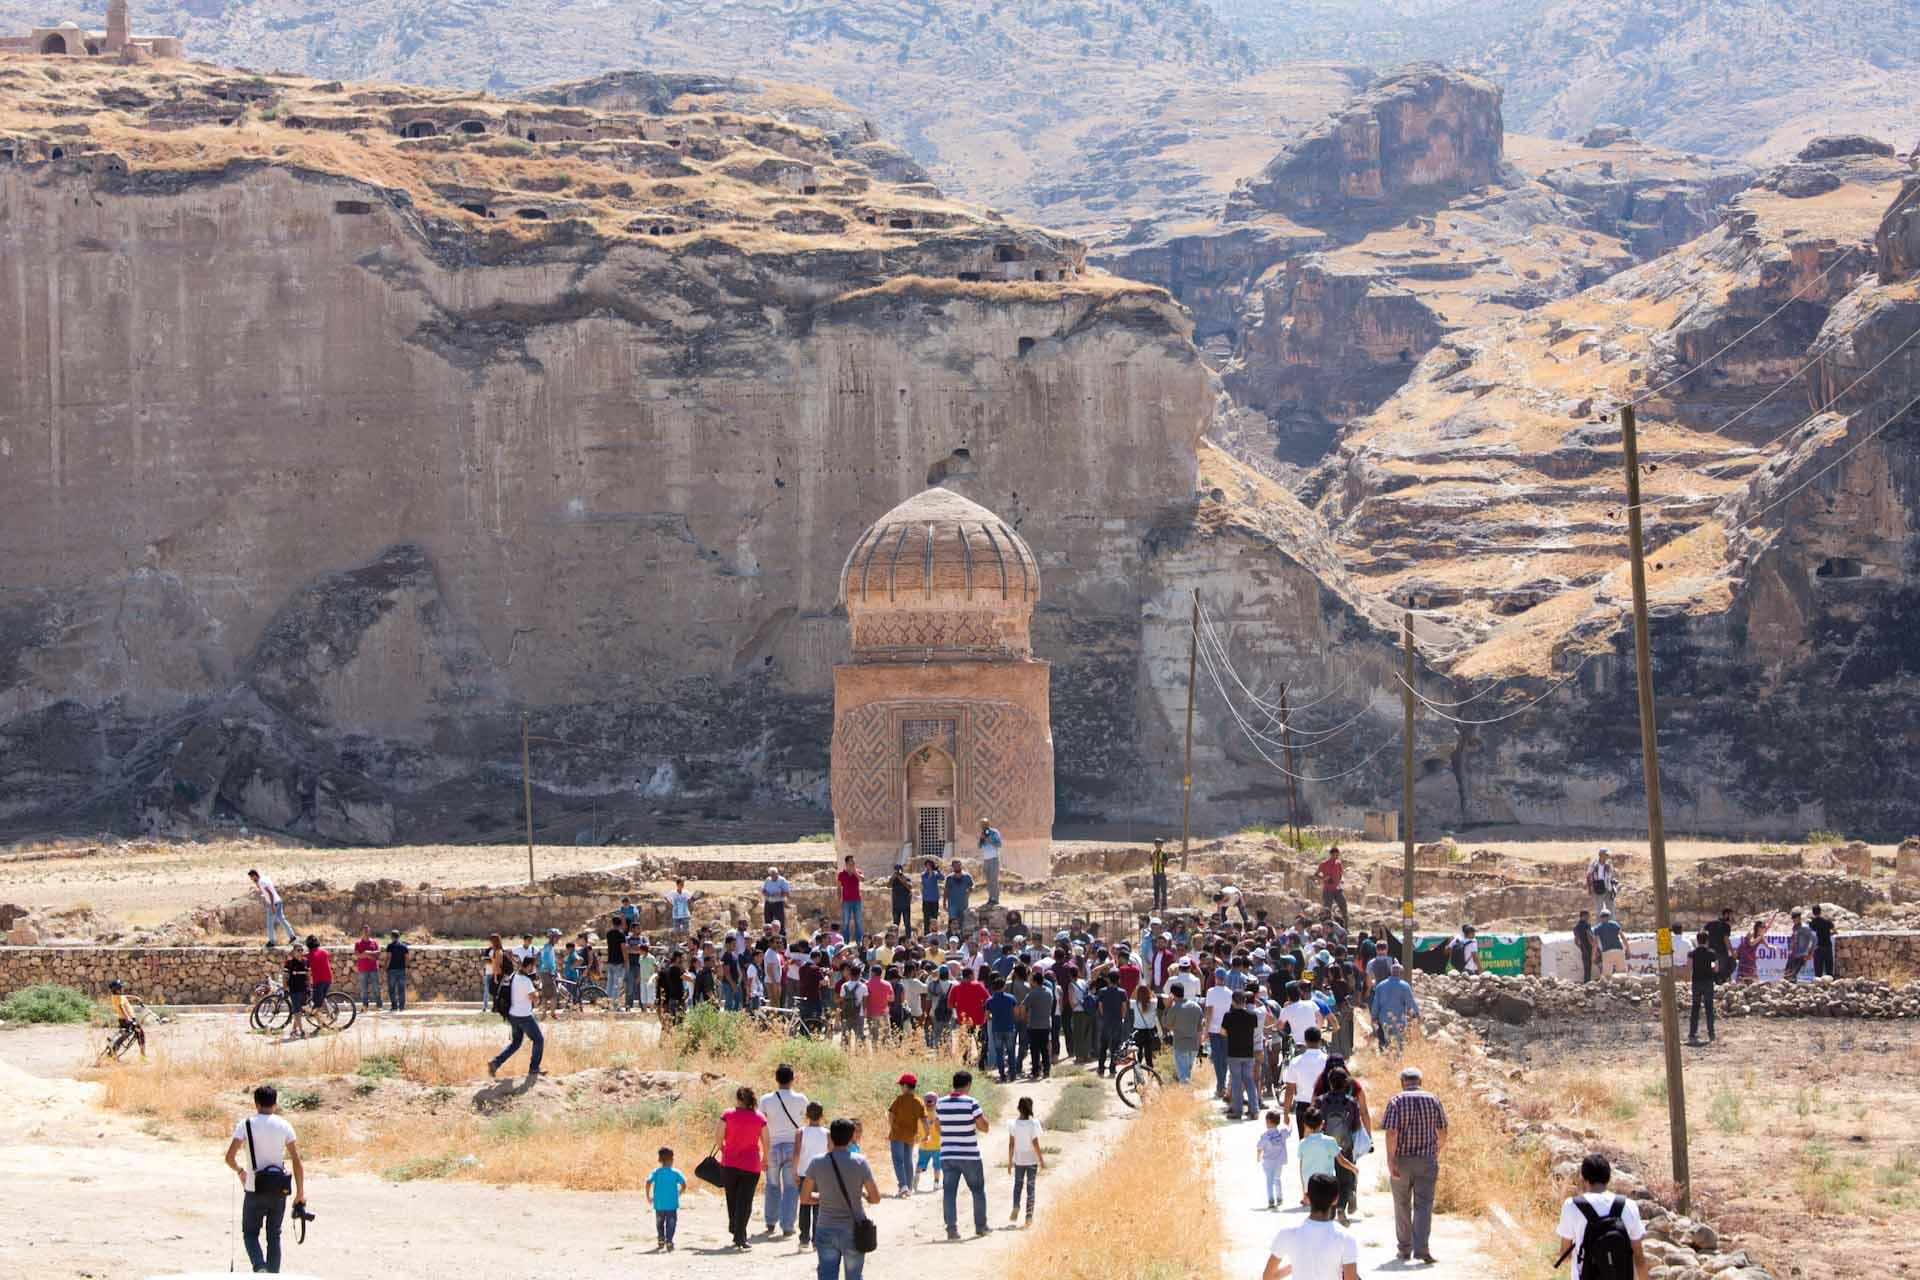 Im Oktober 2015 reisten über 500 Mitglieder verschiedener Umweltgruppen aus Anatolien nach Hasankeyf. Der kleine Ort zwischen dem Tigris und den Klippen des gebirgigen Plateaus des Tur Abdin ist für sie ein Symbol. Hasankeyf steht aus ihrer Sicht für eine verfehlte Energie- und Umweltpolitik der Türkei. Und für eine Jahrtausende alte Geschichte.